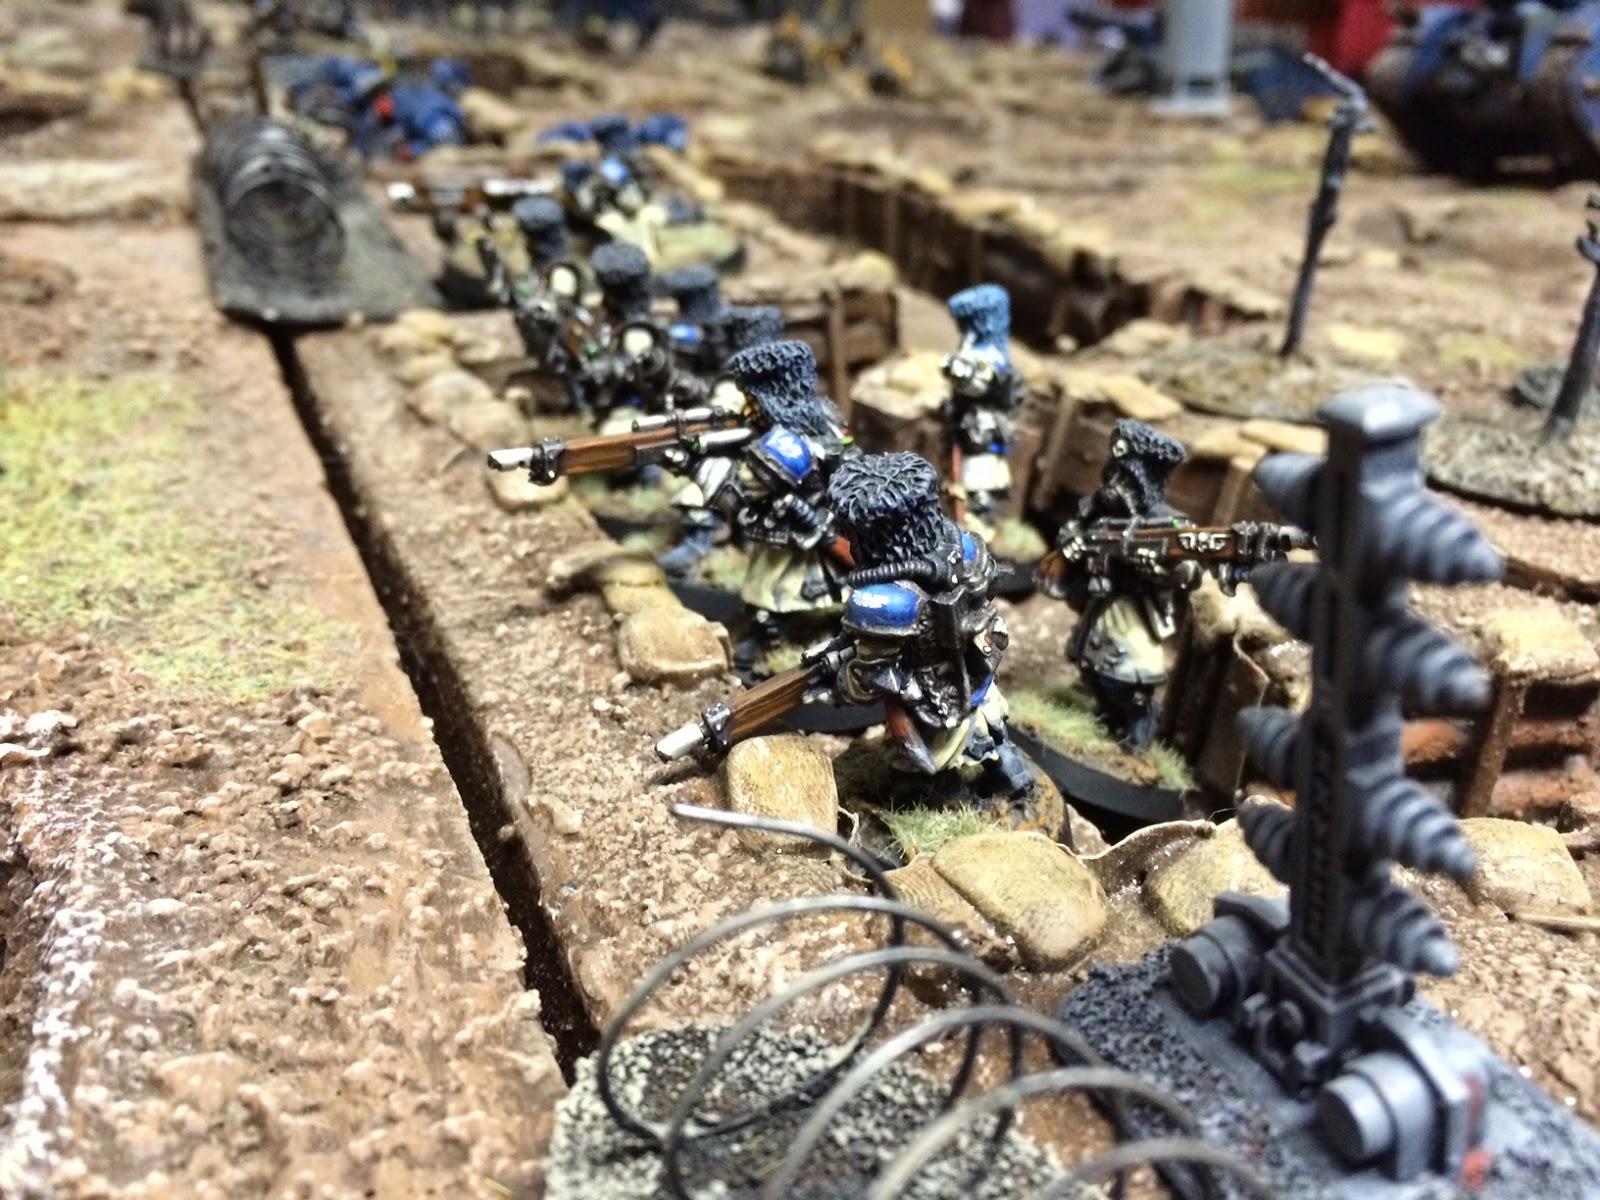 Vostroyan Scions: Fawcett Avenue Conscripts: Trench Warfare